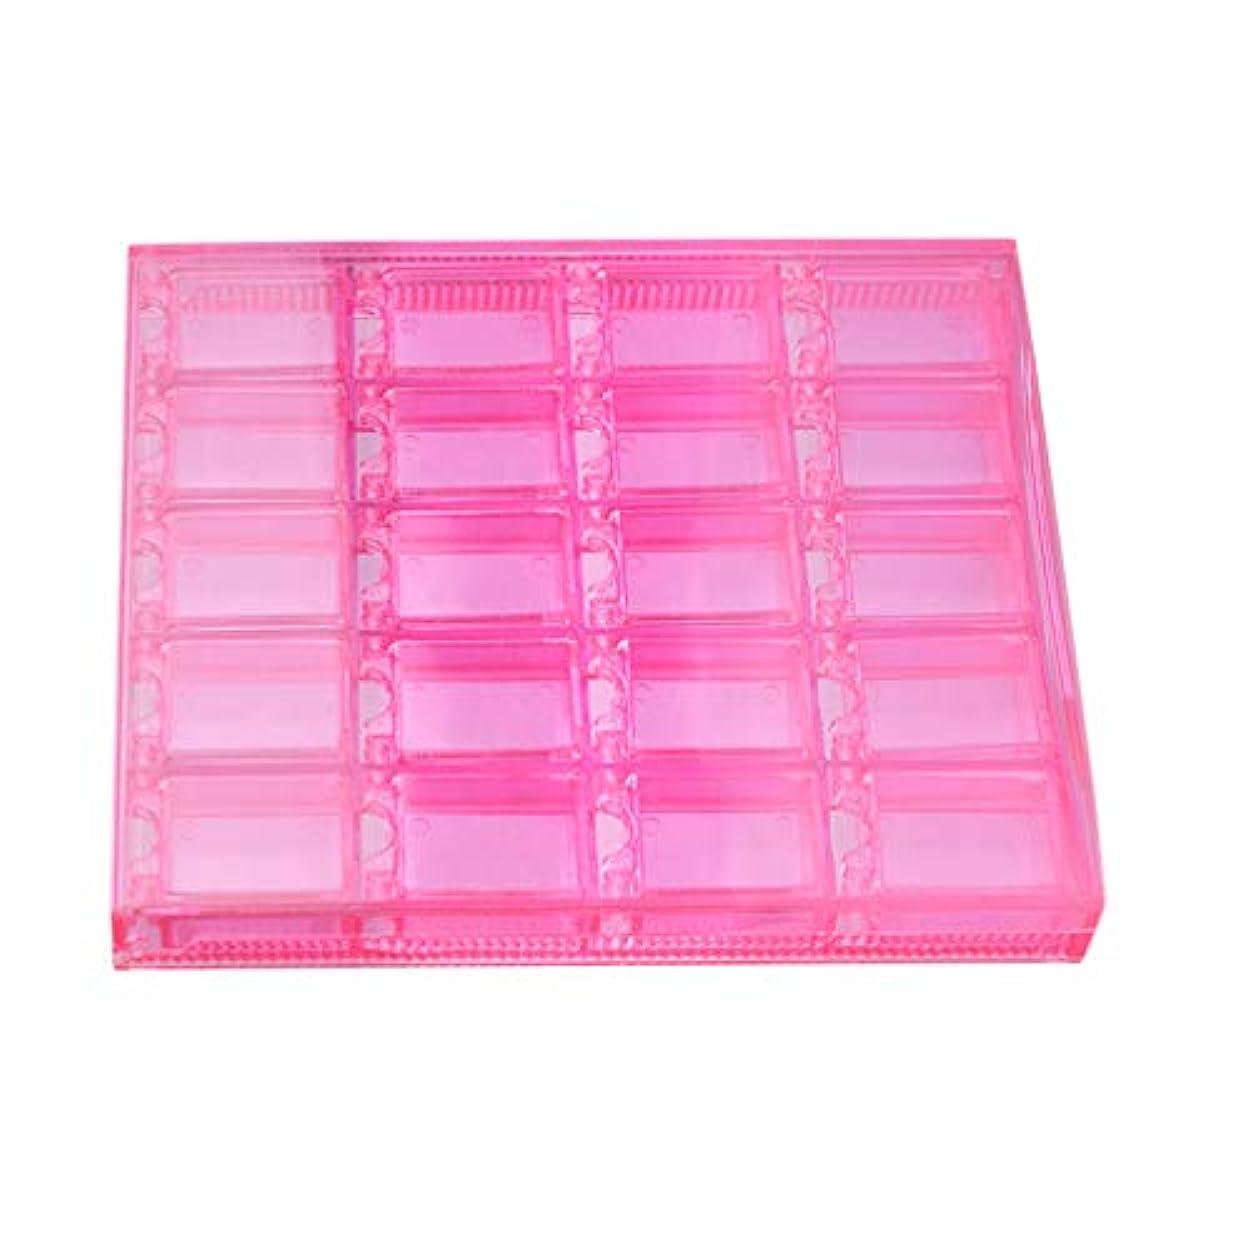 逃げるケーブルありそう20-グリッドプラスチッククラフトオーガナイザーケースネイルジュエリー収納ボックス調整可能収納ボックス用ミシンビーズネイルアートラインストーンダイヤモンド - ピンク